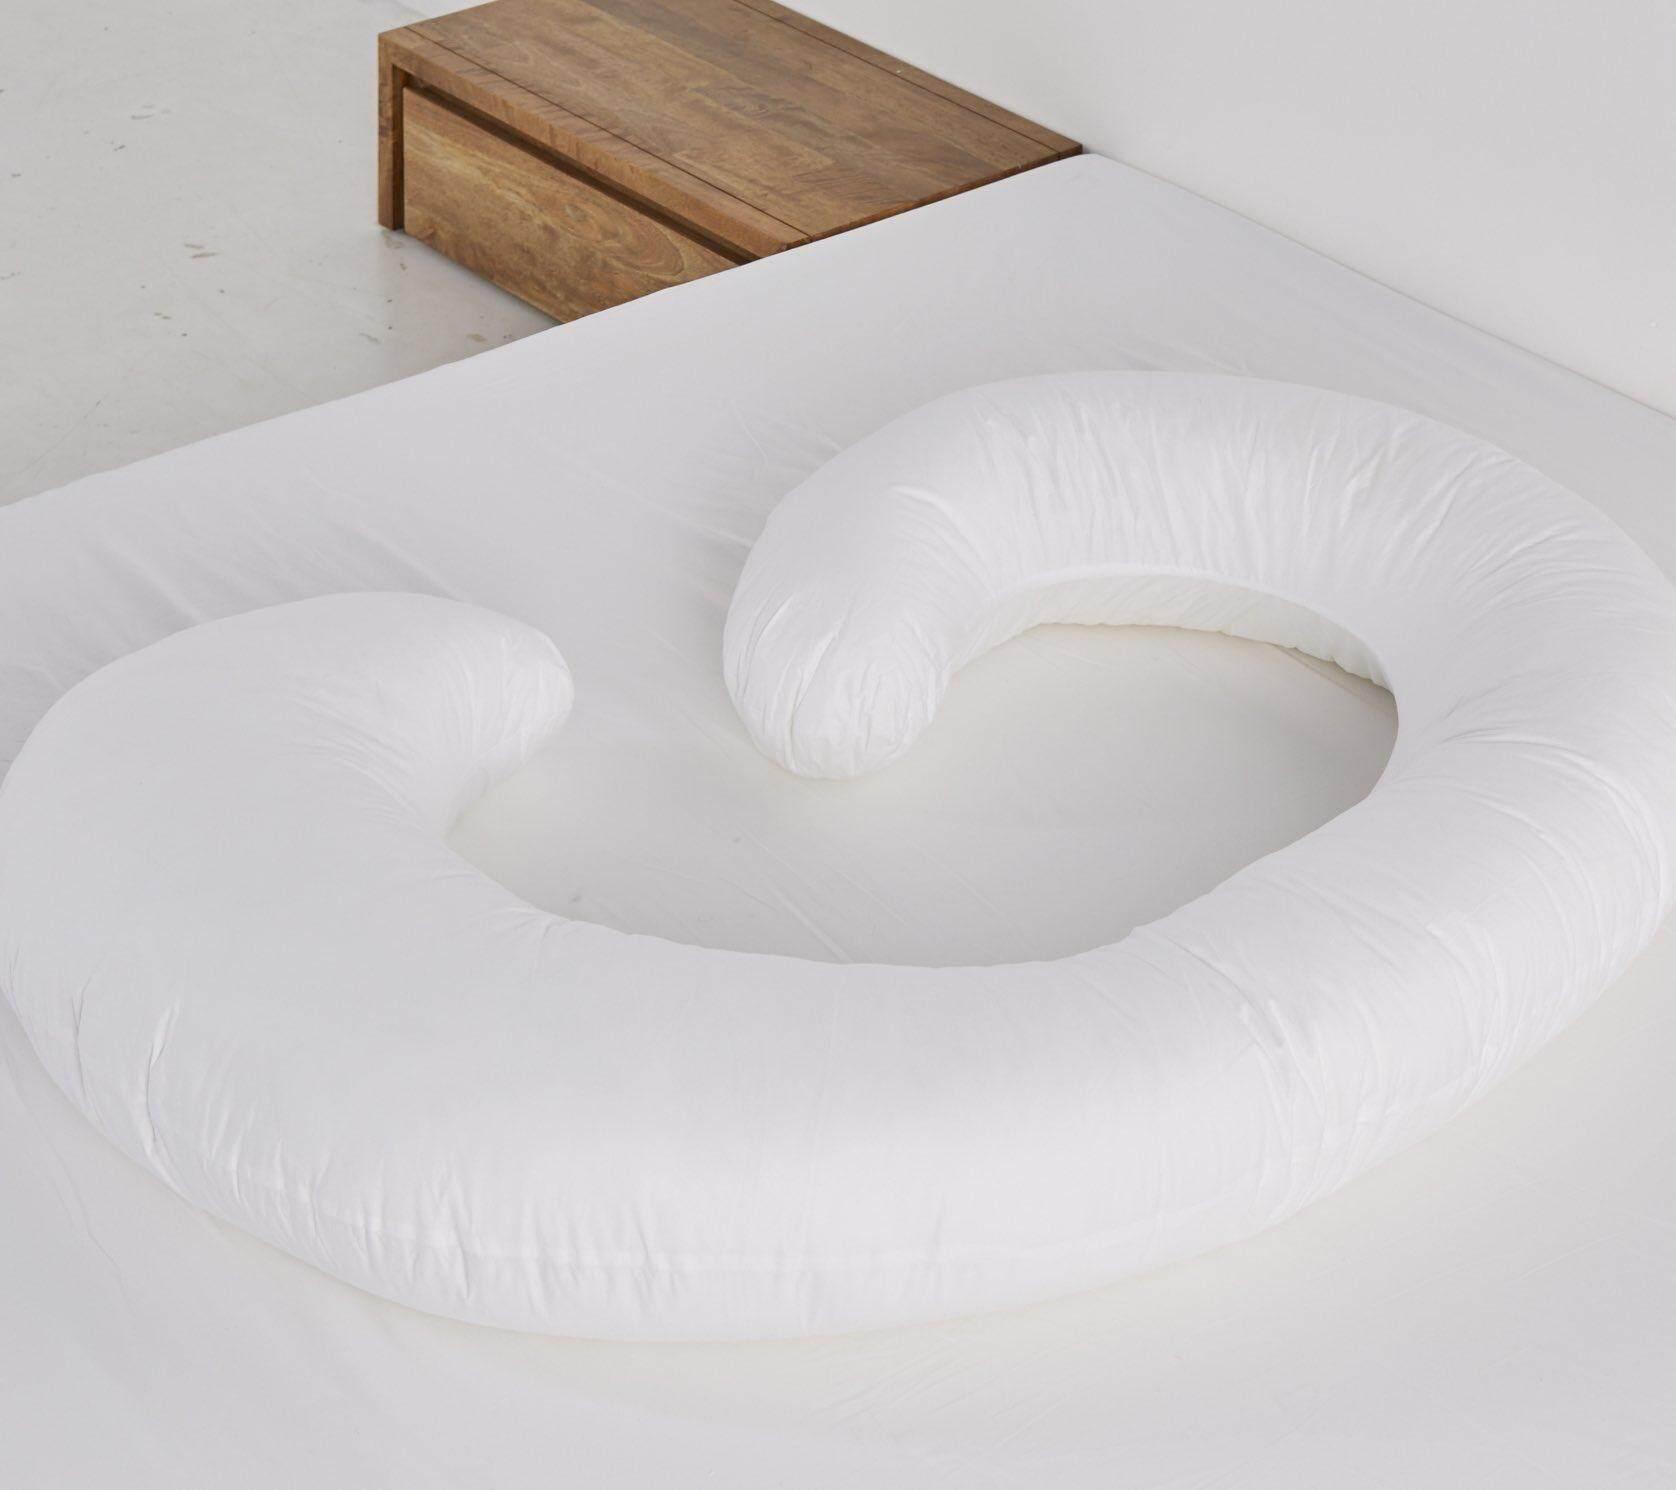 ส่วนลด Mr Big รุ่น Nine Pillow แถมปลอก 1 ชิ้น